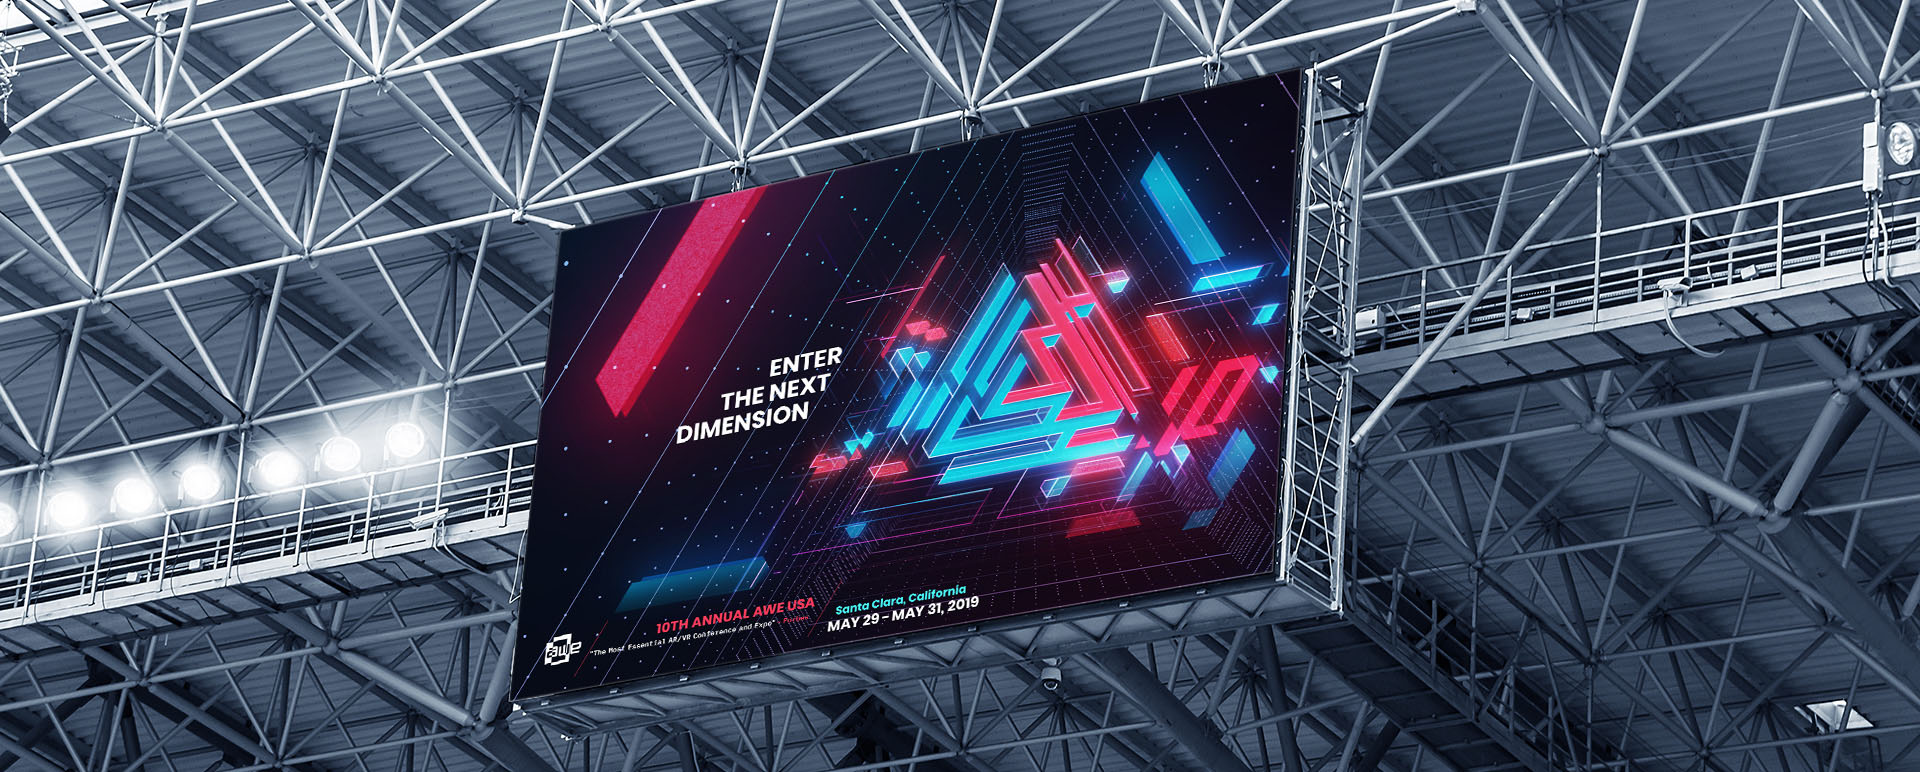 Visual design theme mock up 01 for AWE 2019 visual theme